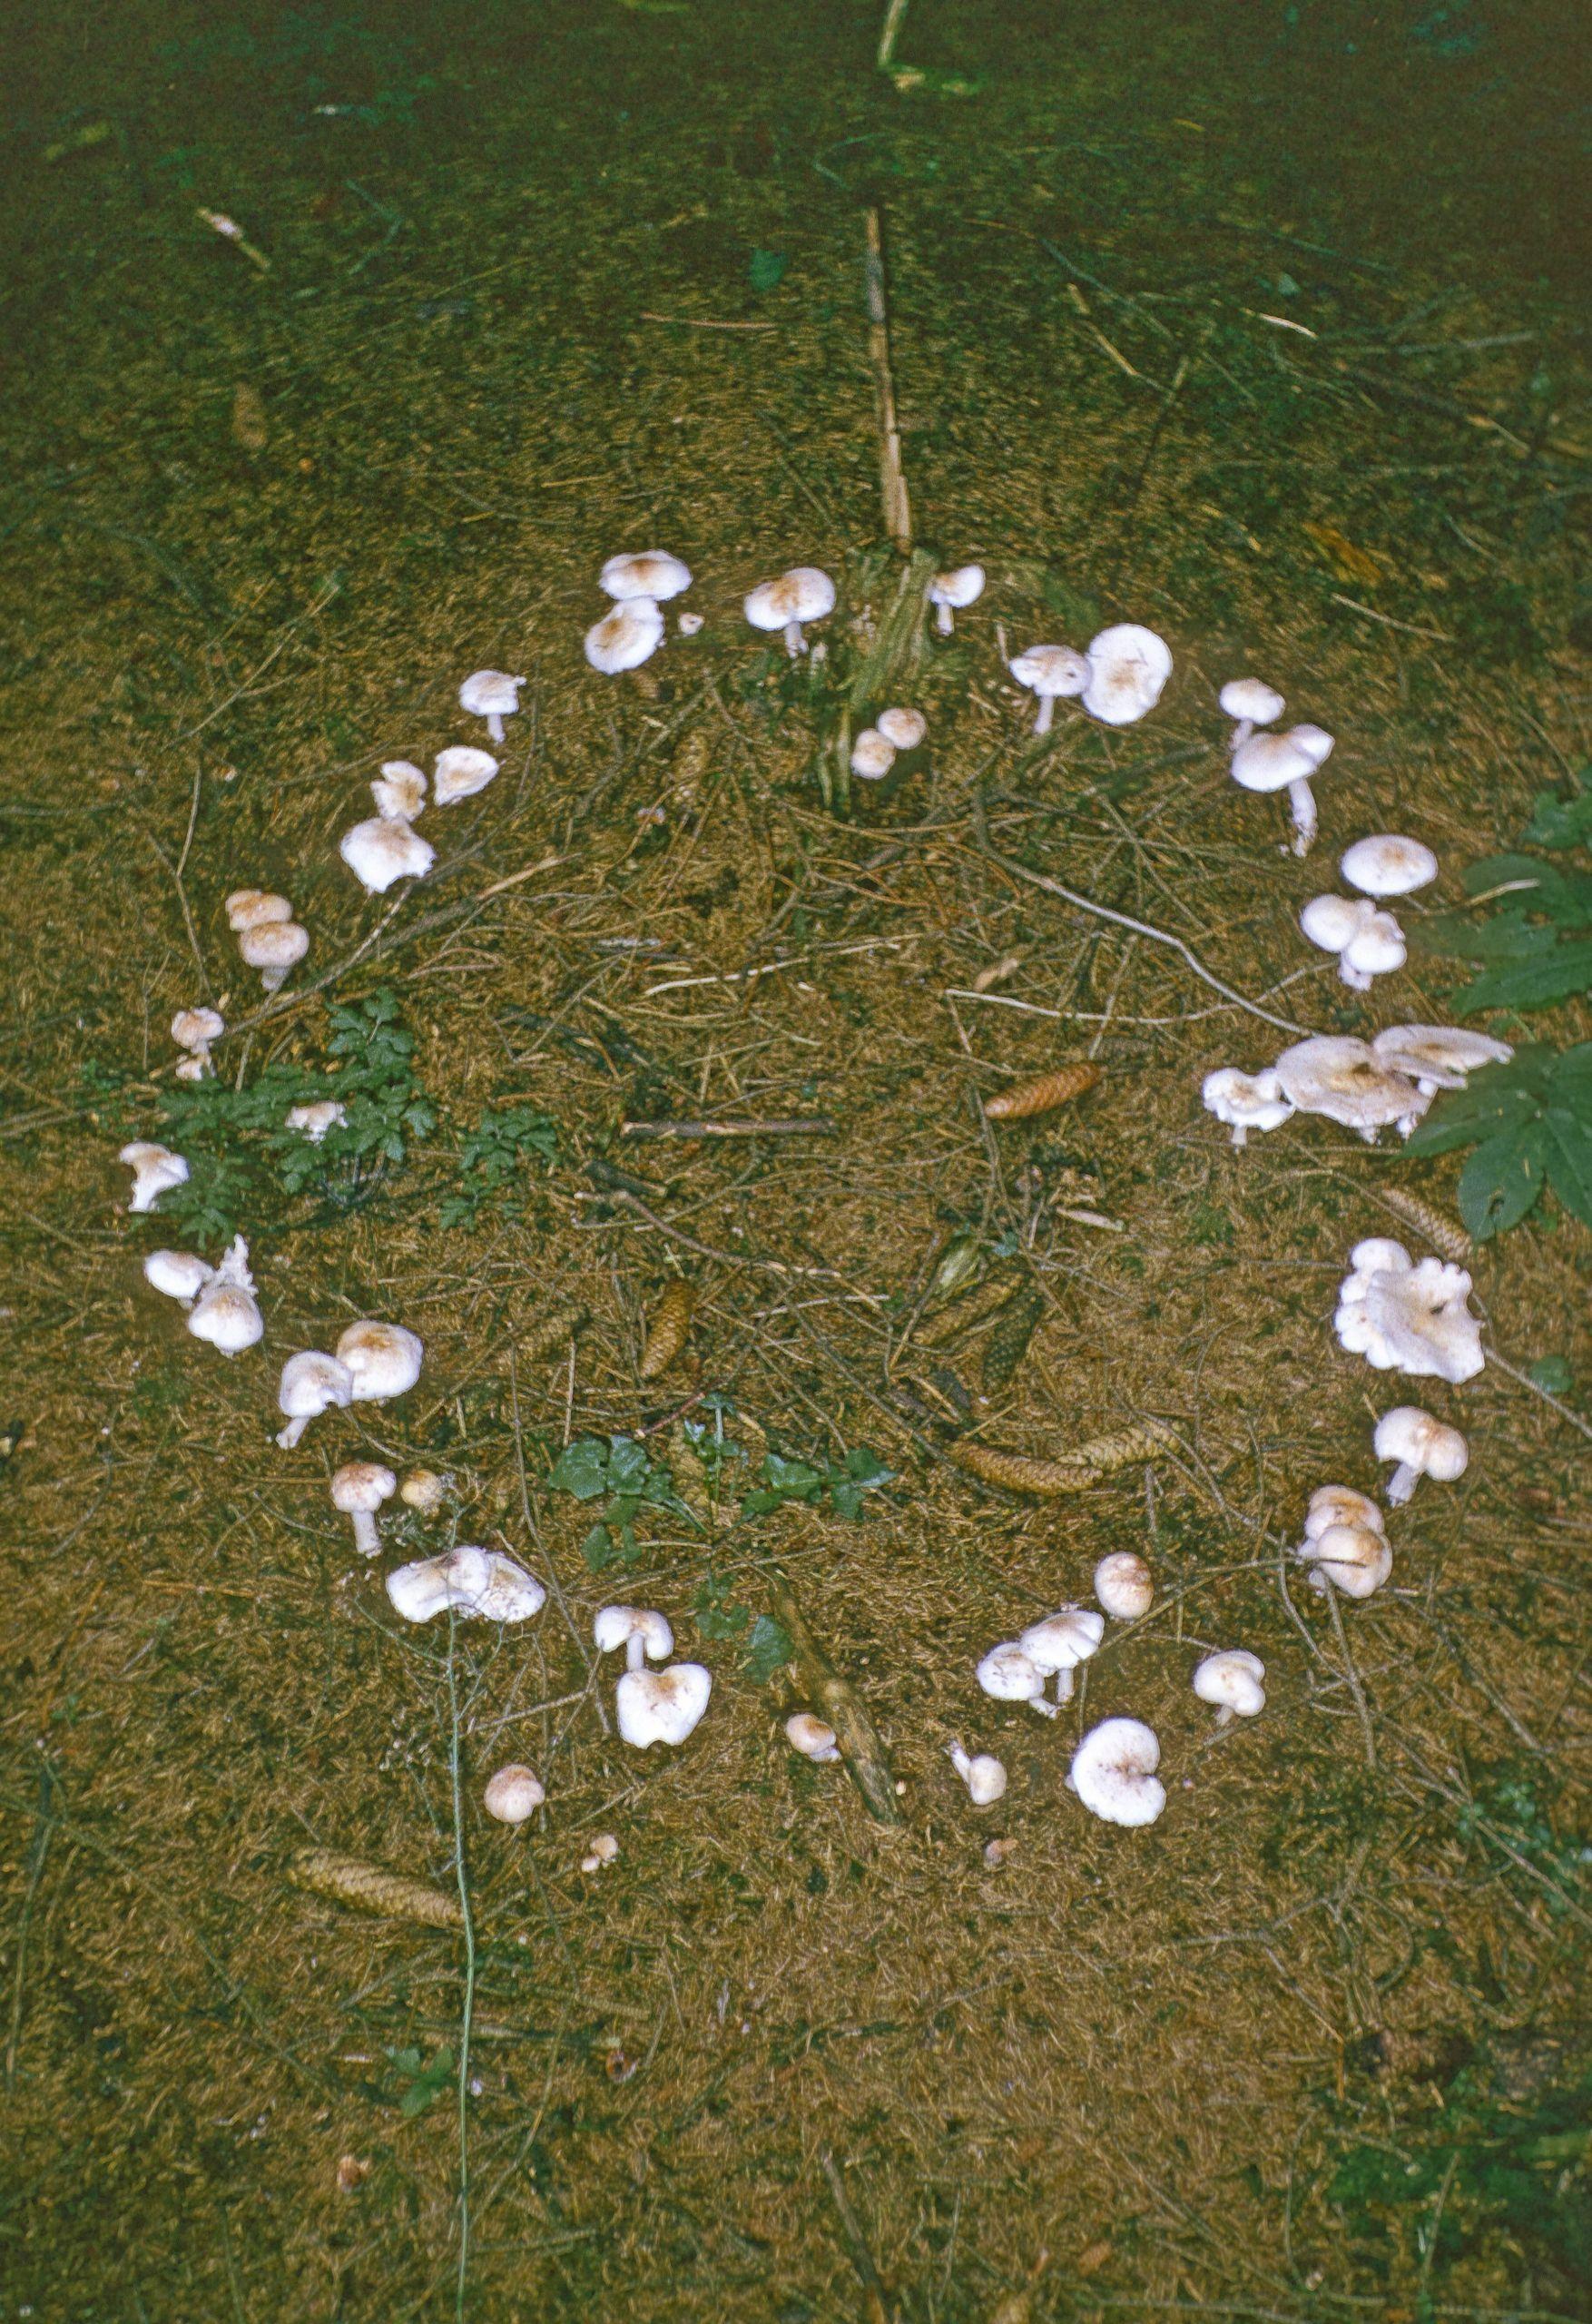 pilze im rasen beim hexenring wachsen schaedlinge in einer bestimmten form auf dem boden